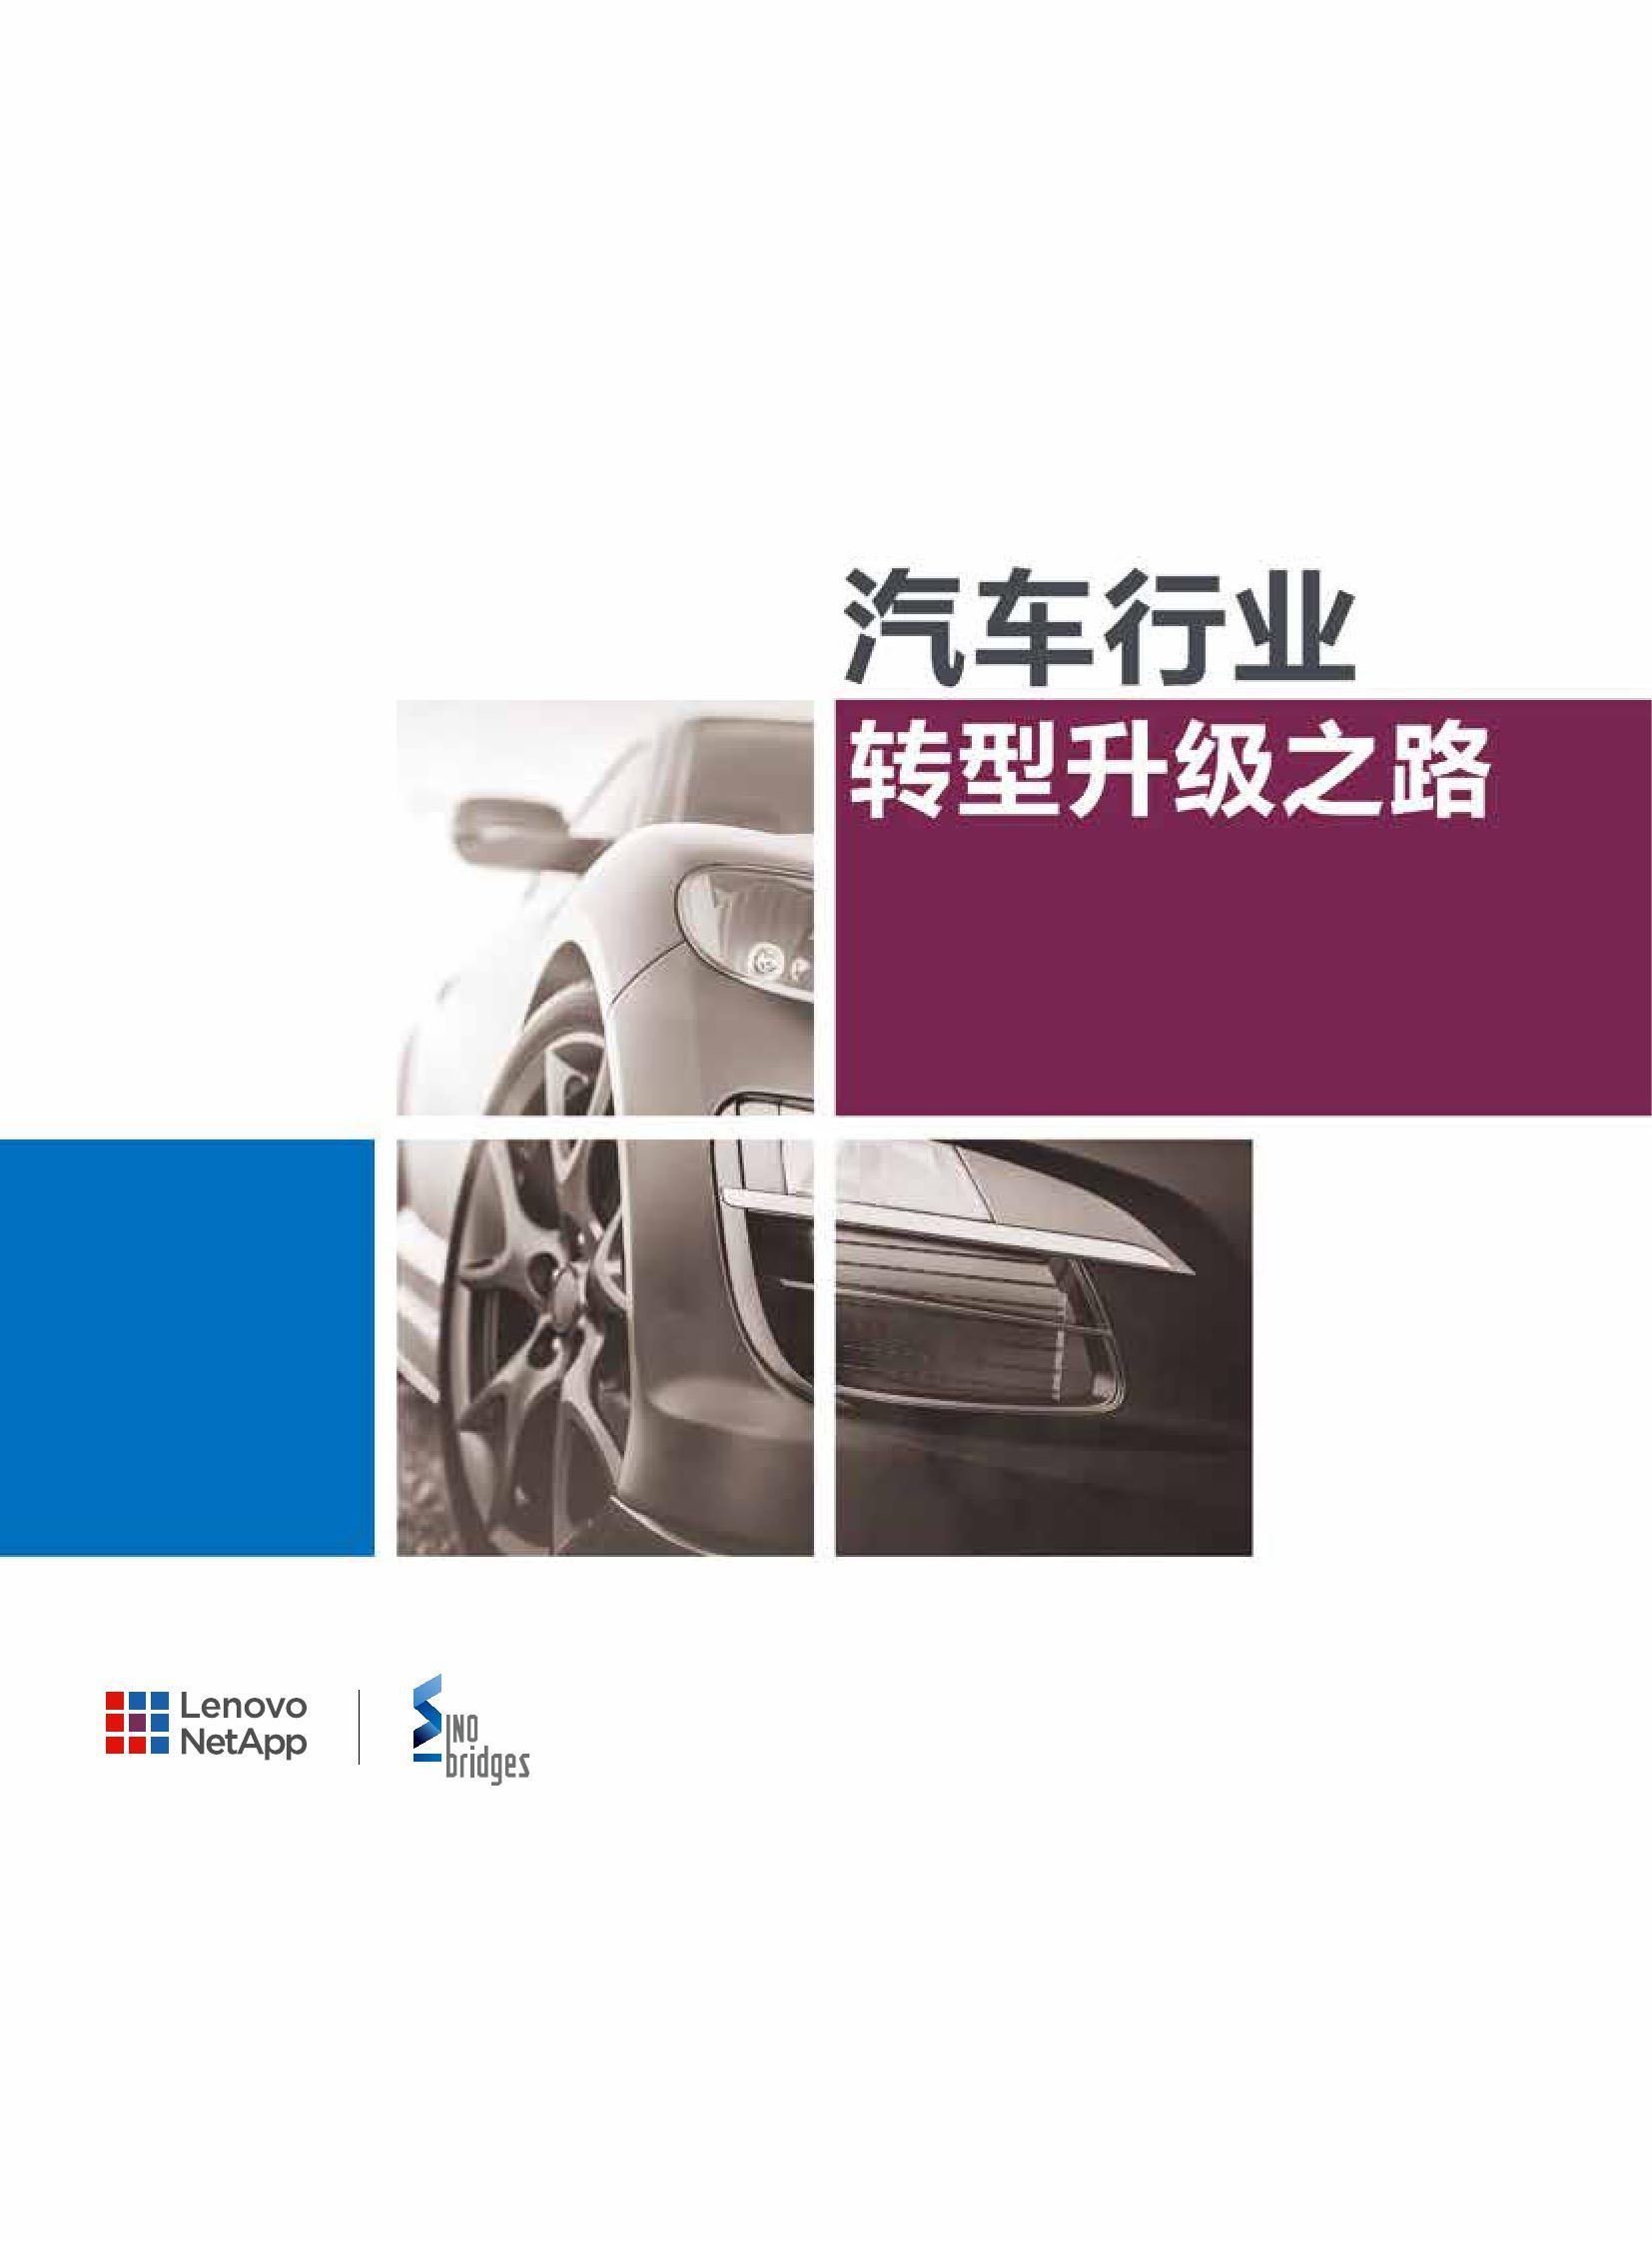 联想凌拓&中桥调研:汽车行业转型升级之路(附下载)